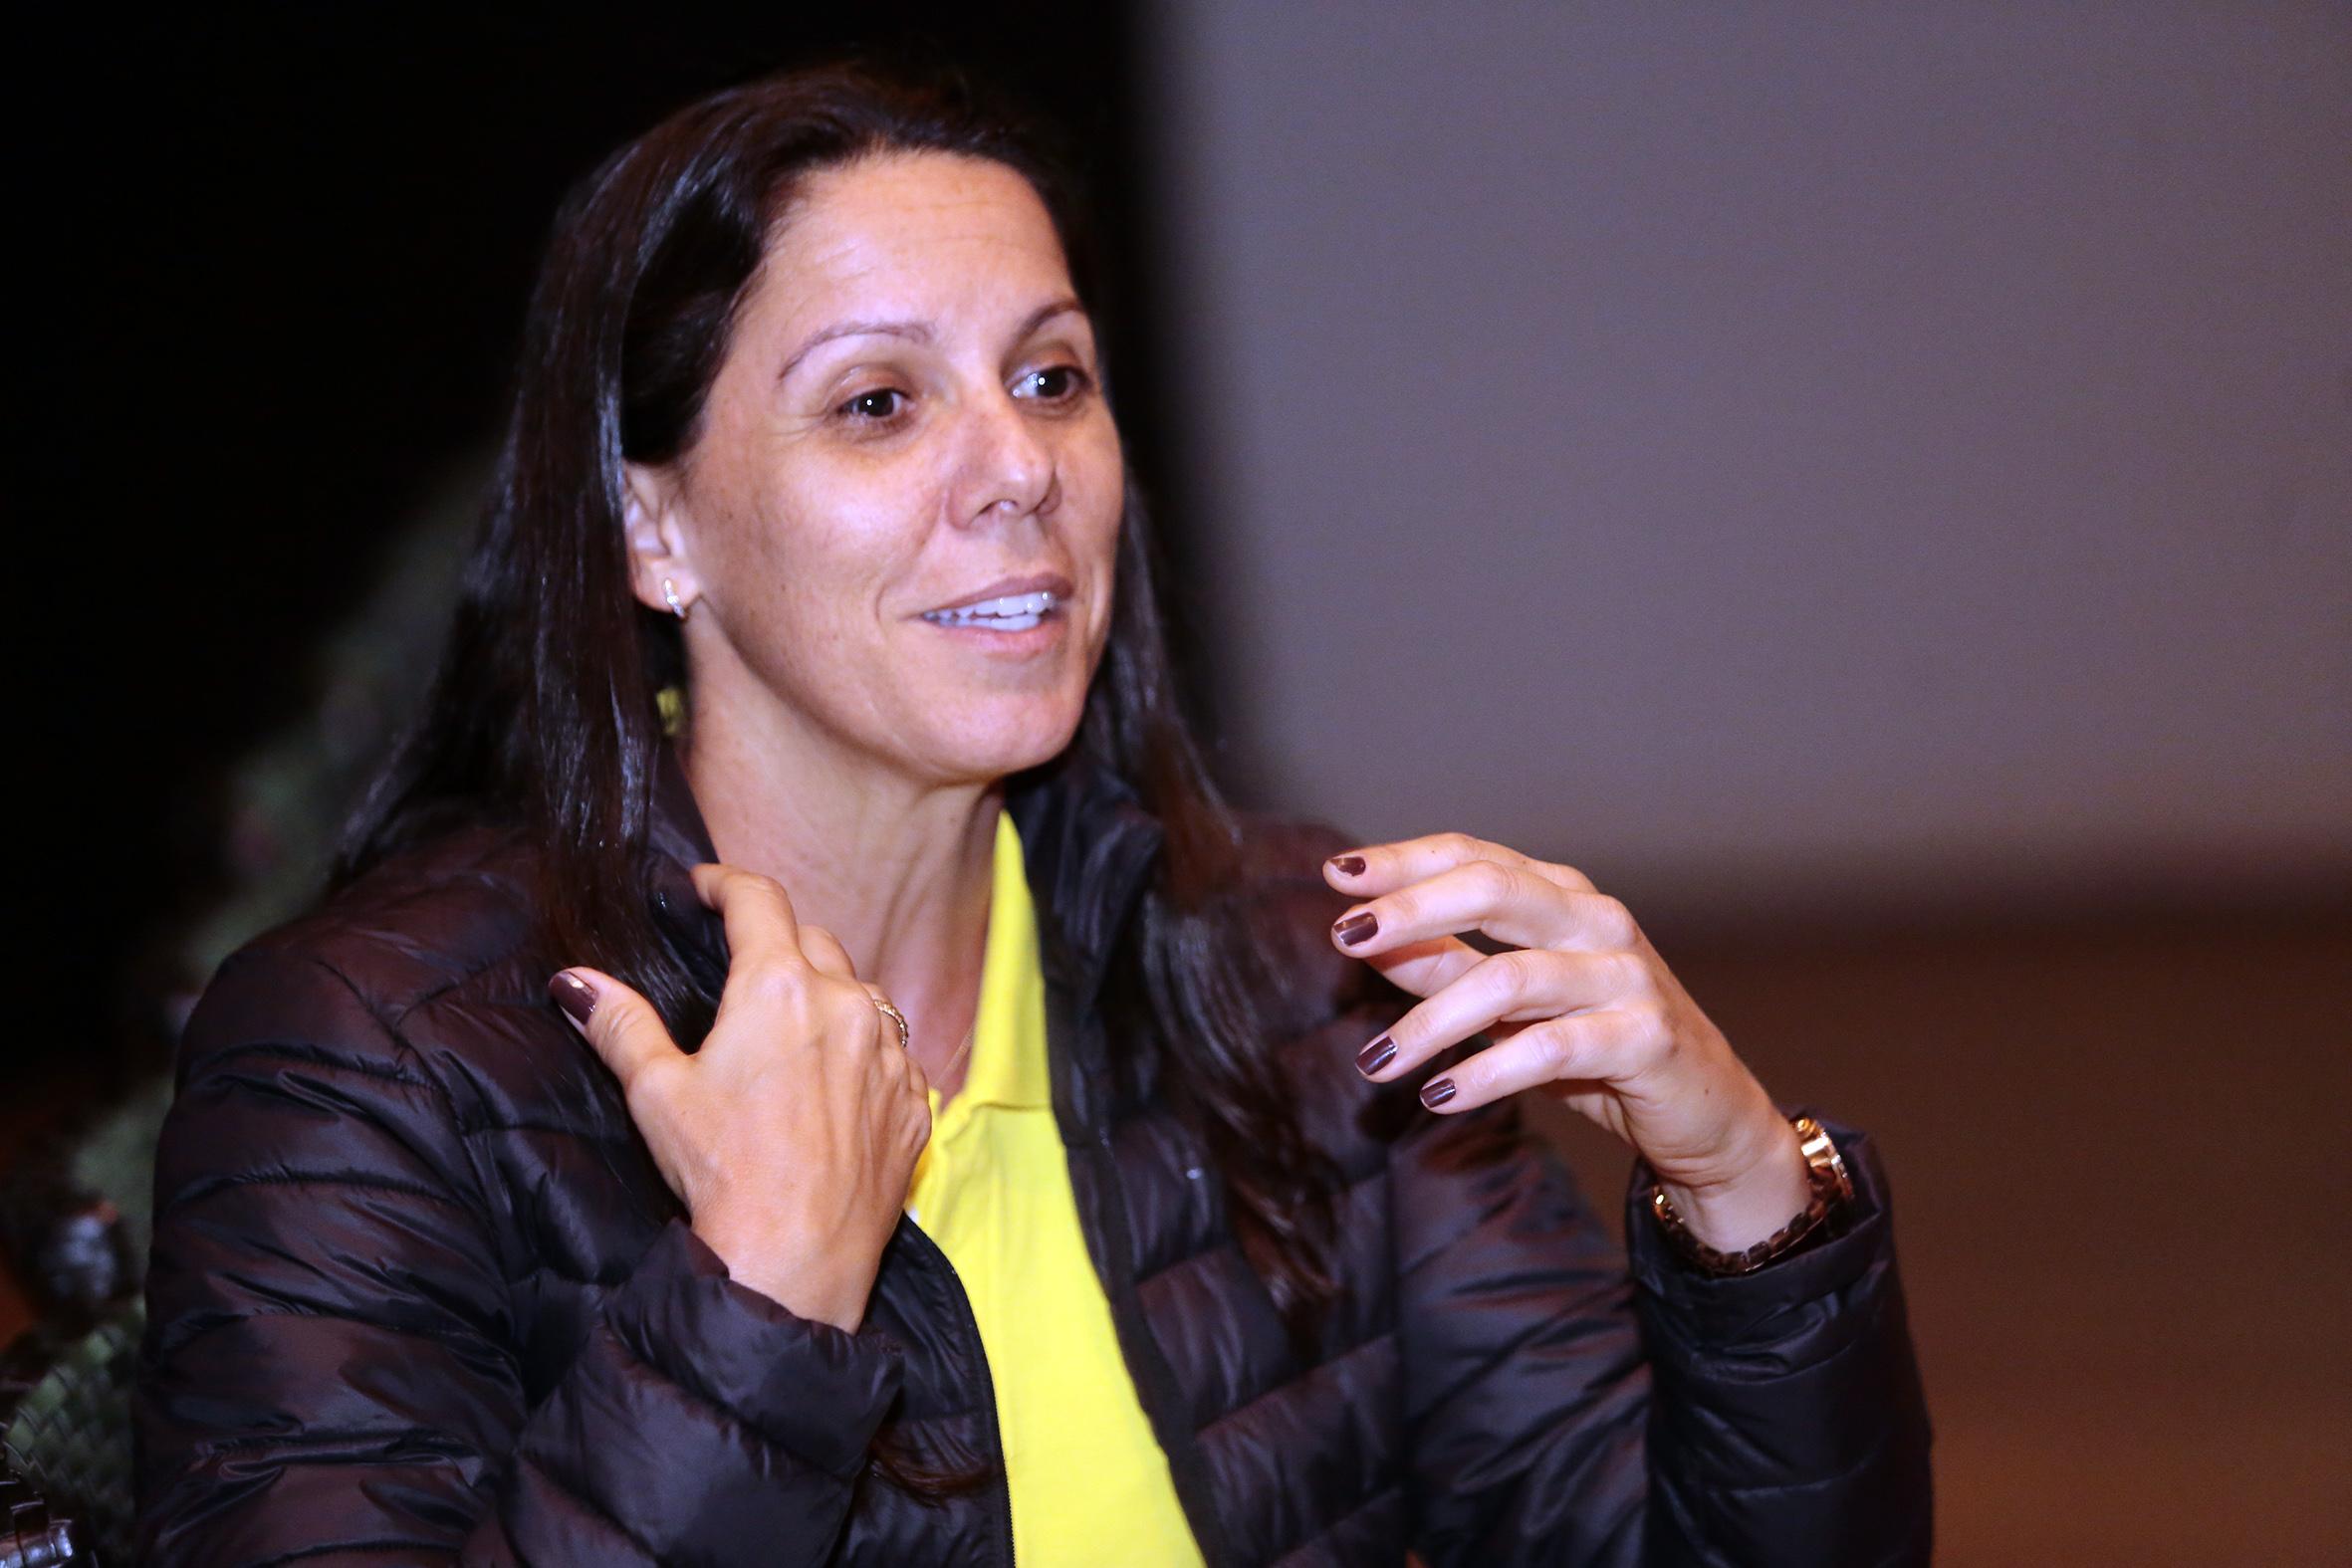 Bola autografada pela medalhista olímpica Sandra Pires é doada ao MEM pela ACIM